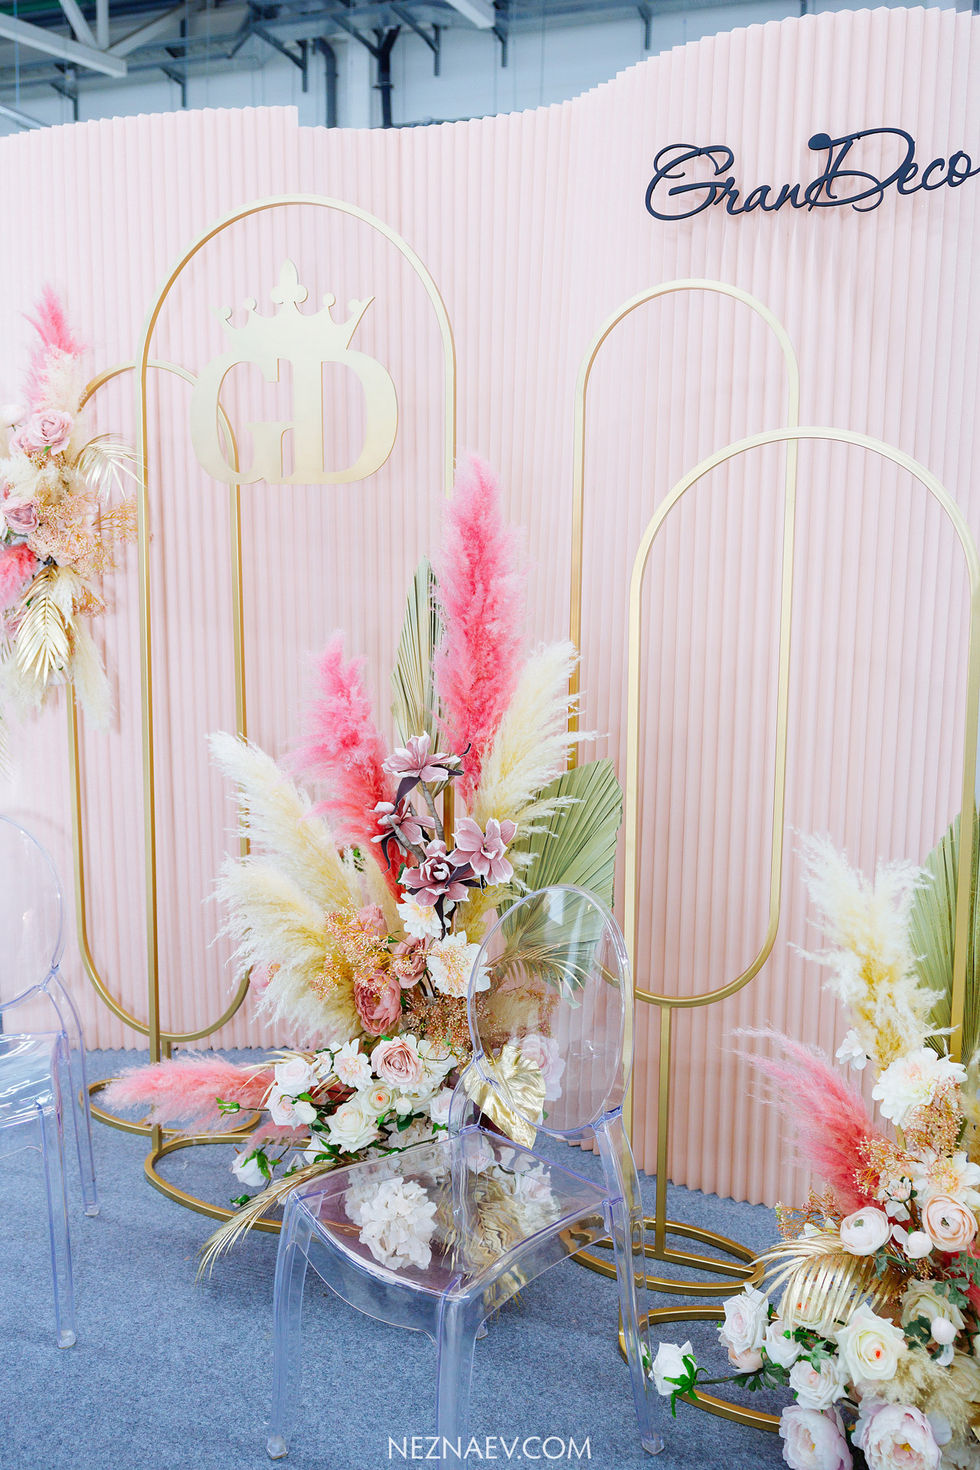 2020.03.01 Wedding Expo-029.jpg